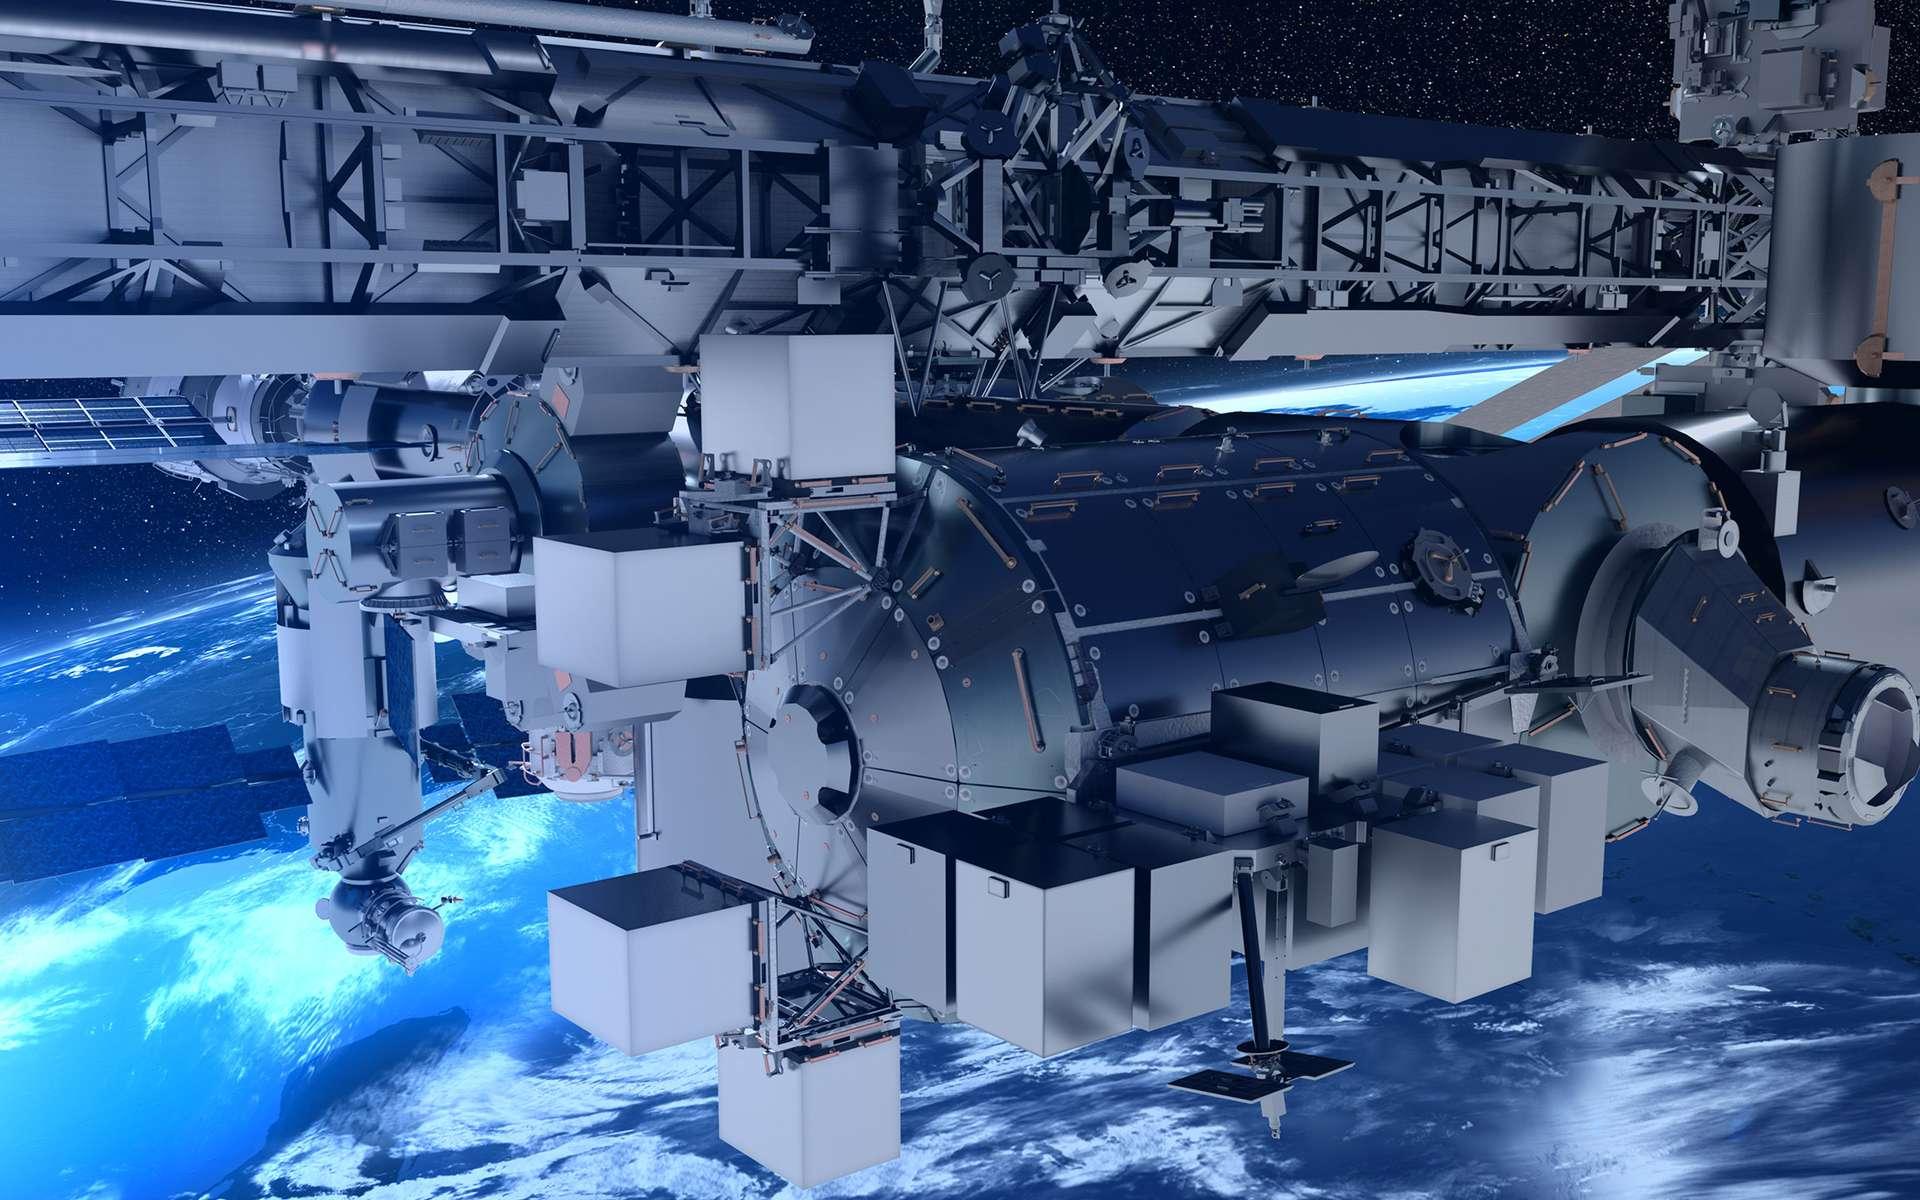 Une nouvelle capacité d'hébergement de charges utiles externes, fournie par Airbus, sera fixée au module européen Columbus, de la Station spatiale internationale (ISS), à partir de mi-2019. © Airbus